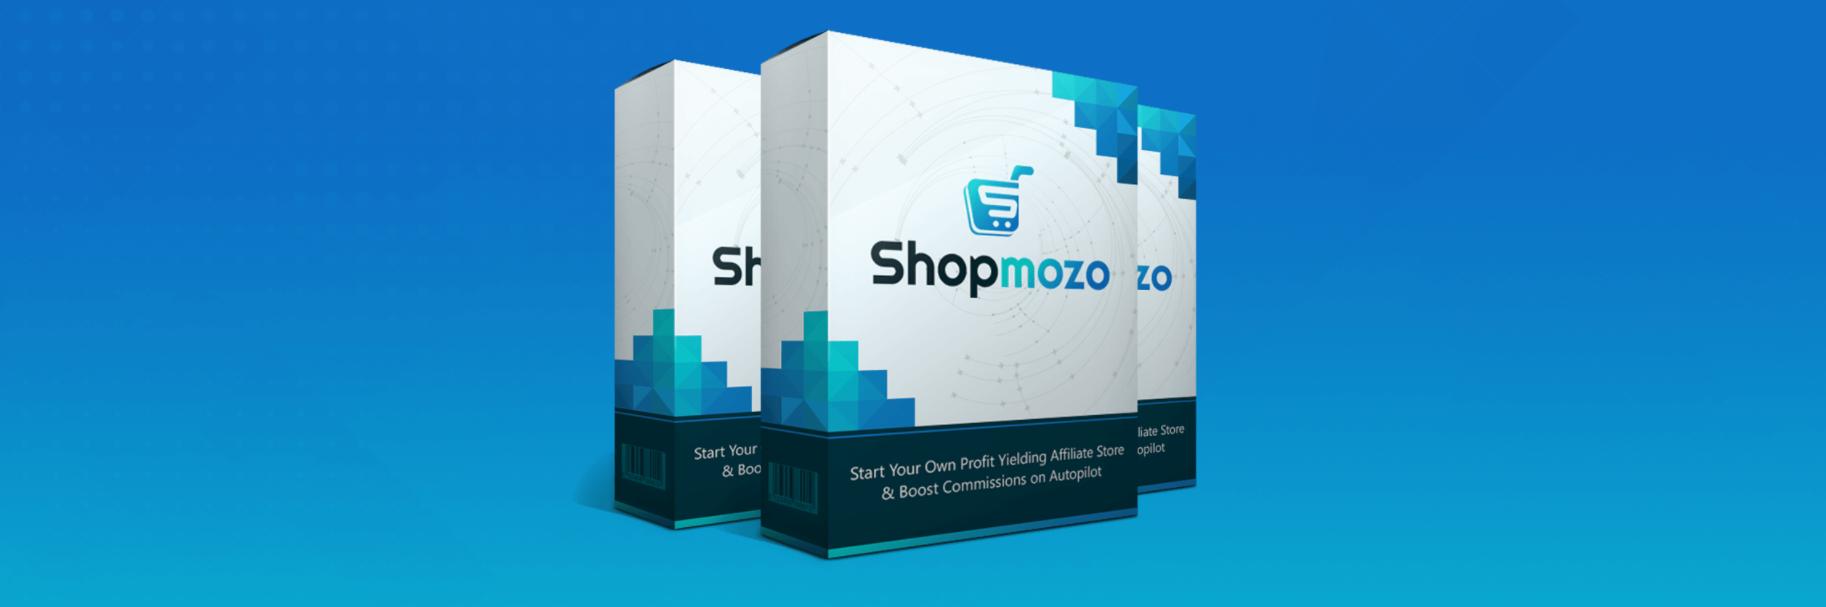 shopMozo